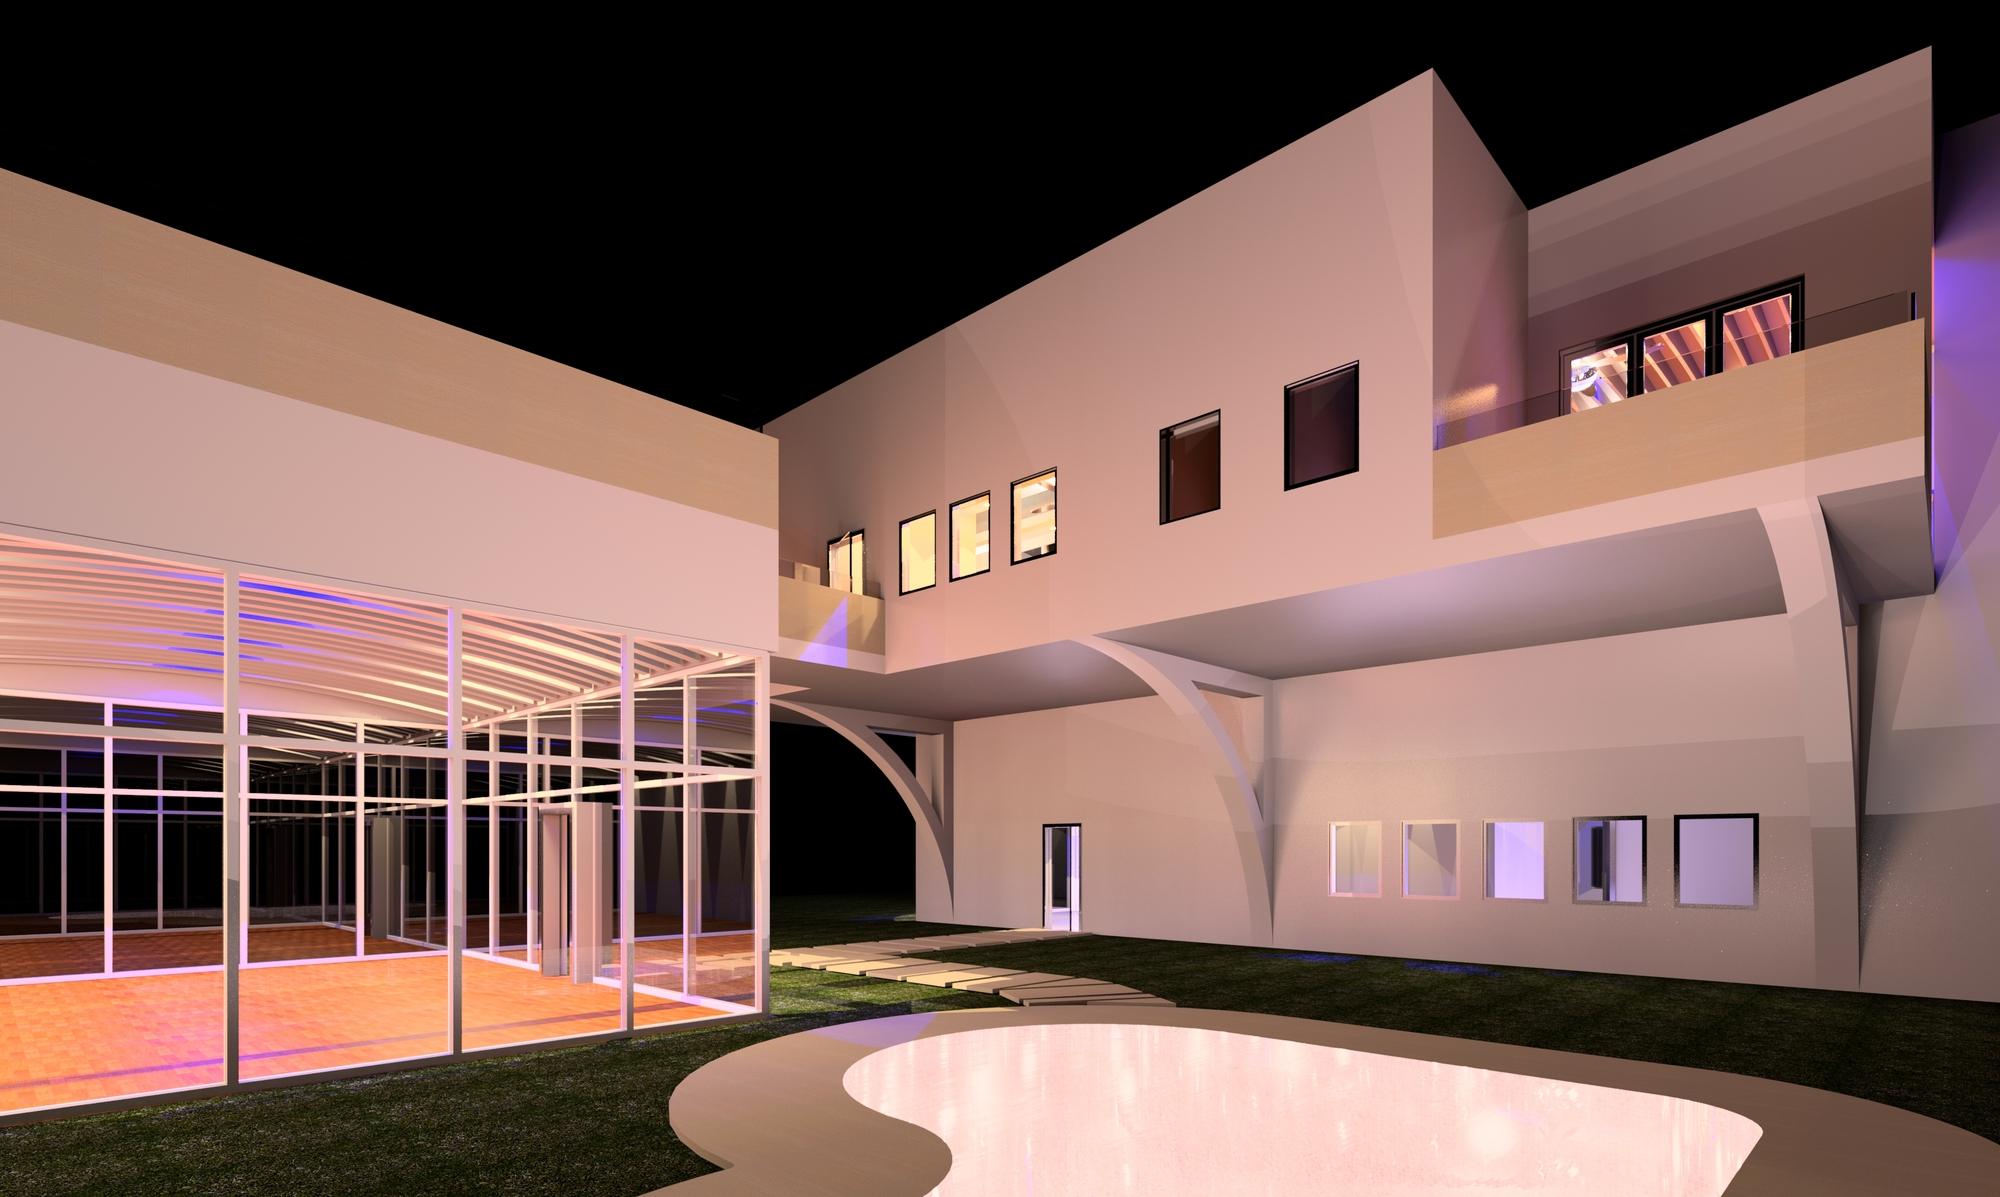 Raas-rendering20150326-2169-1gx43z7